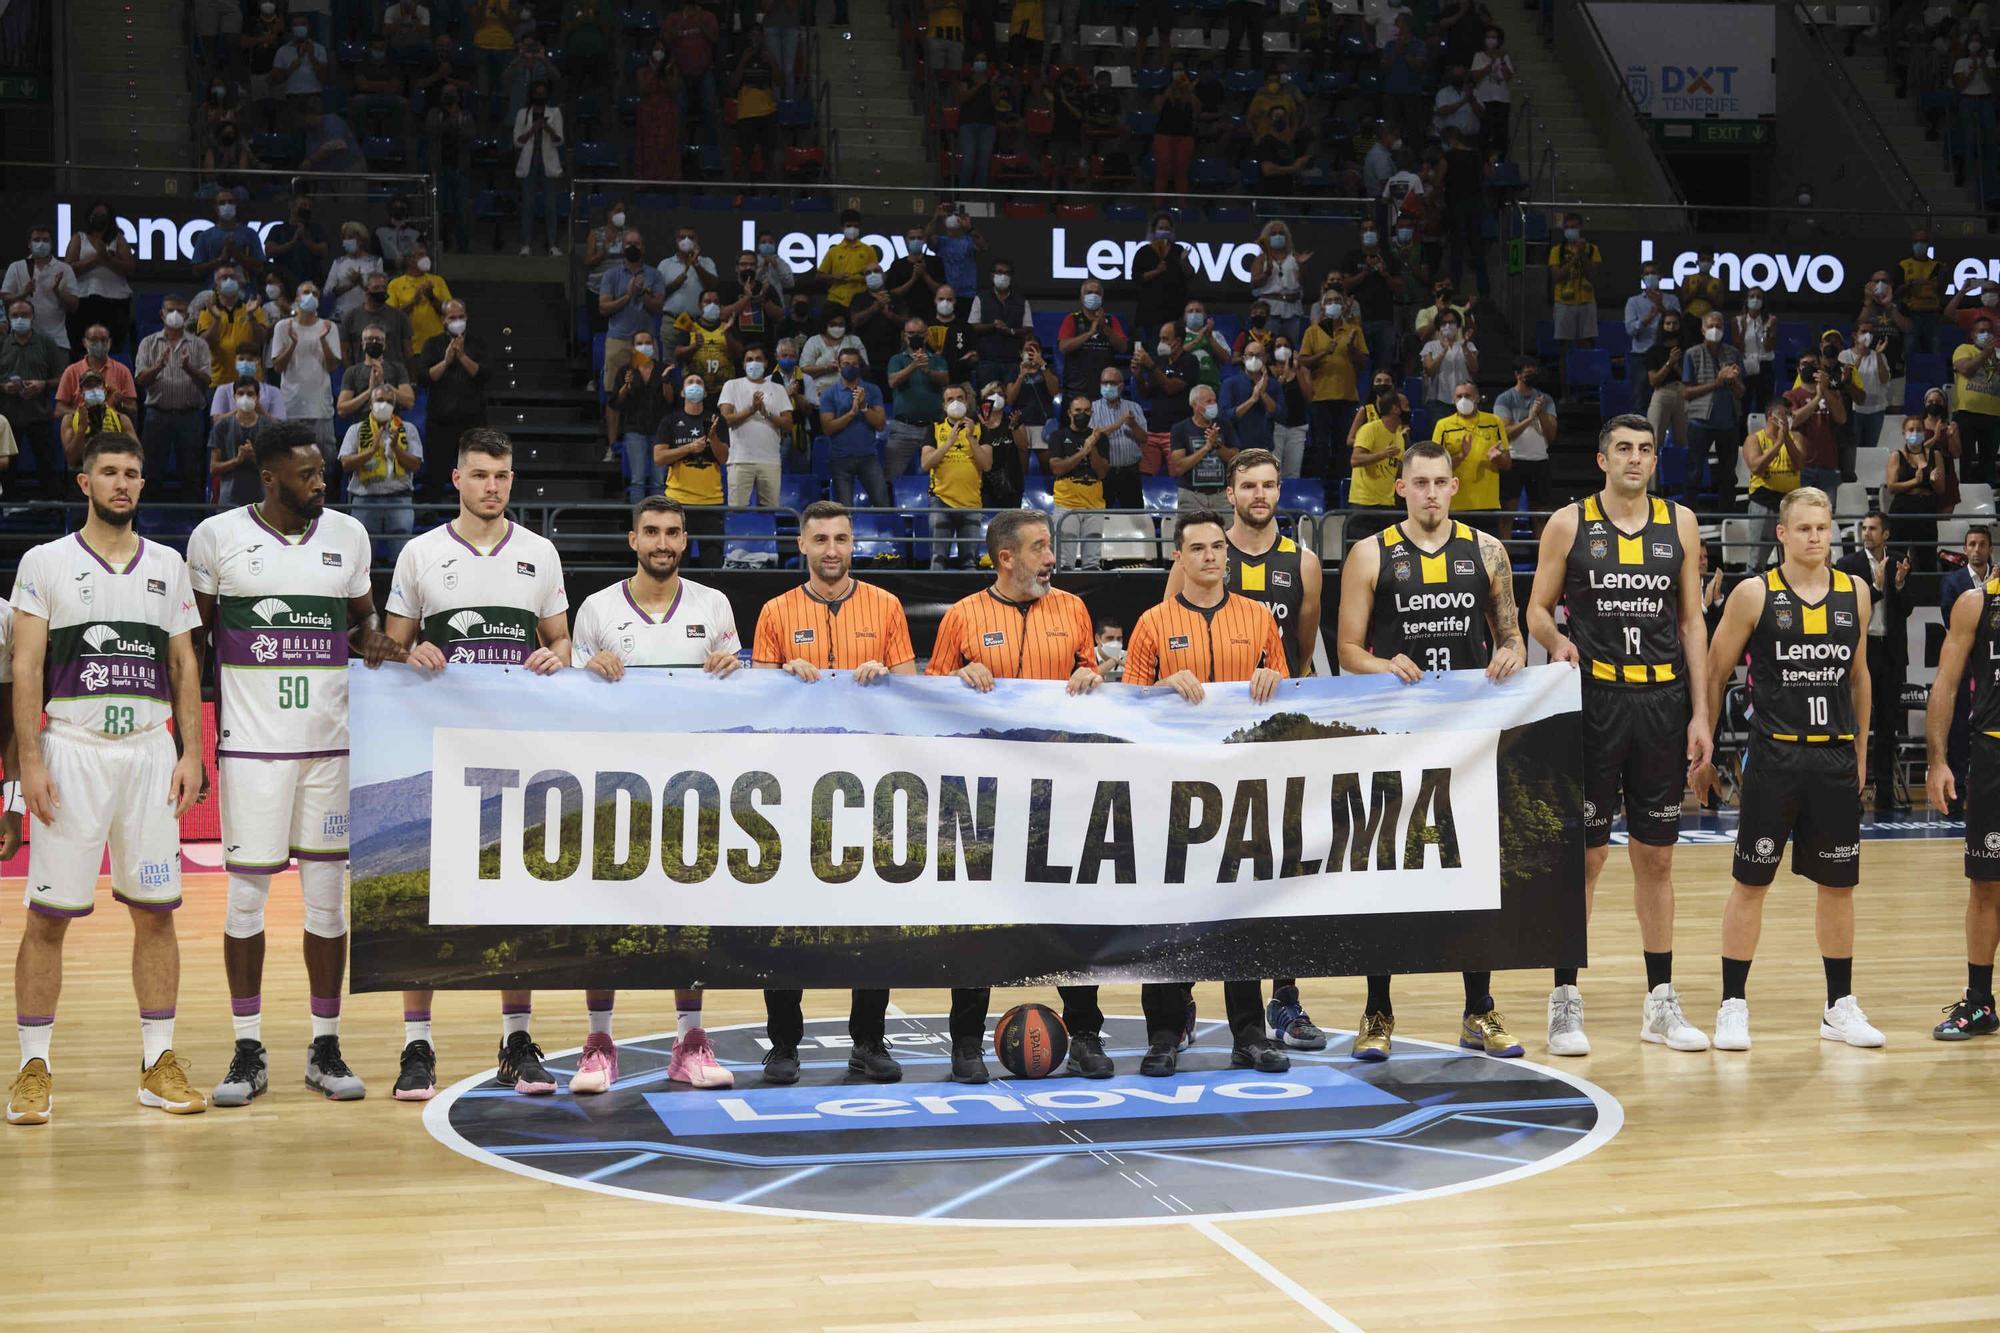 Partido Lenovo Tenerife - Unicaja Málaga